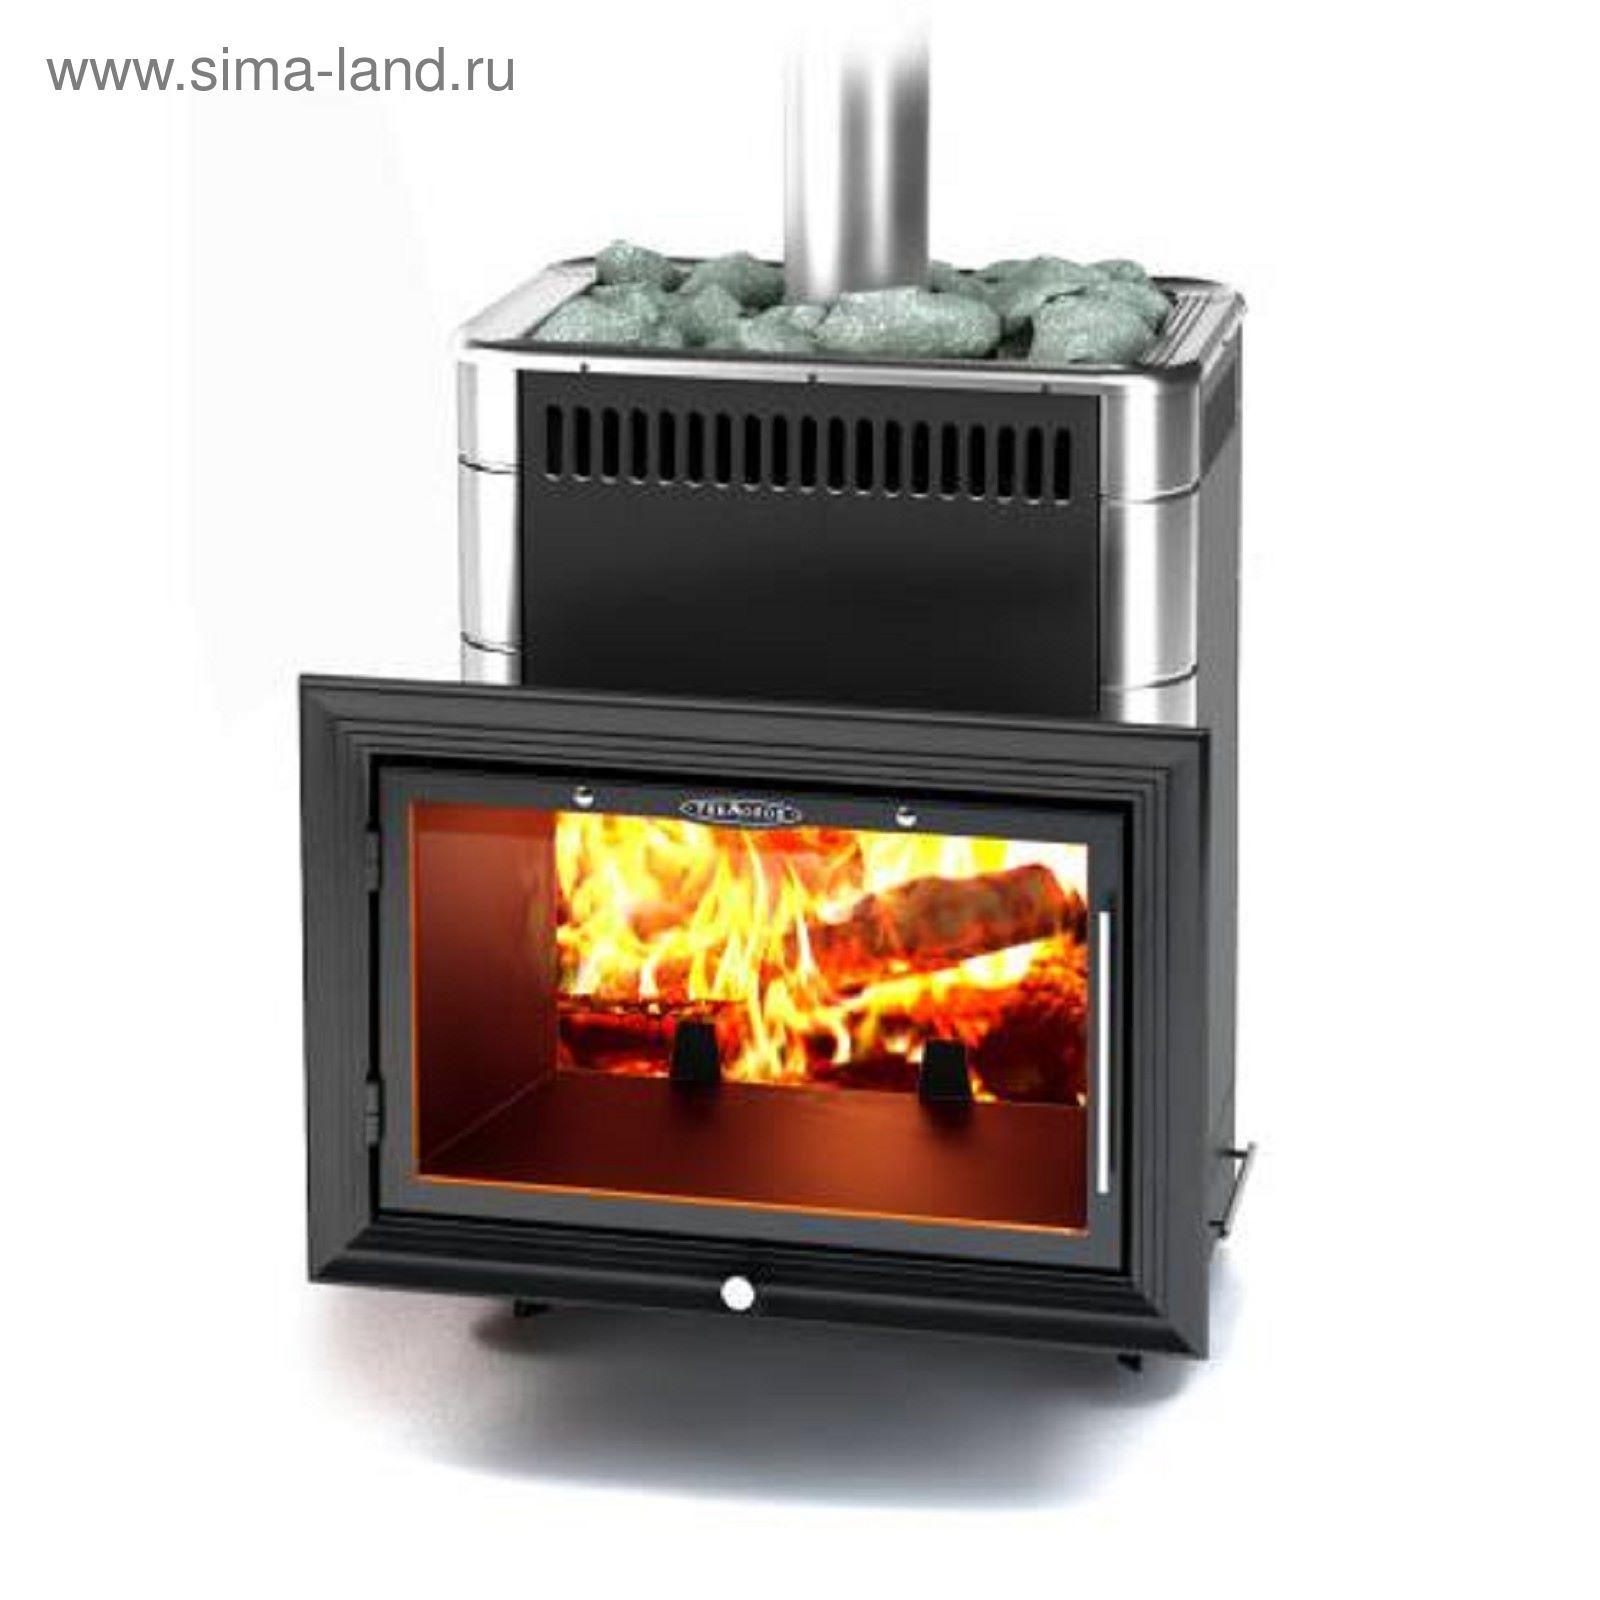 Термофор витрувия антрацит с теплообменником отзывы Кожухотрубный конденсатор ONDA L 51.304.2438 Комсомольск-на-Амуре